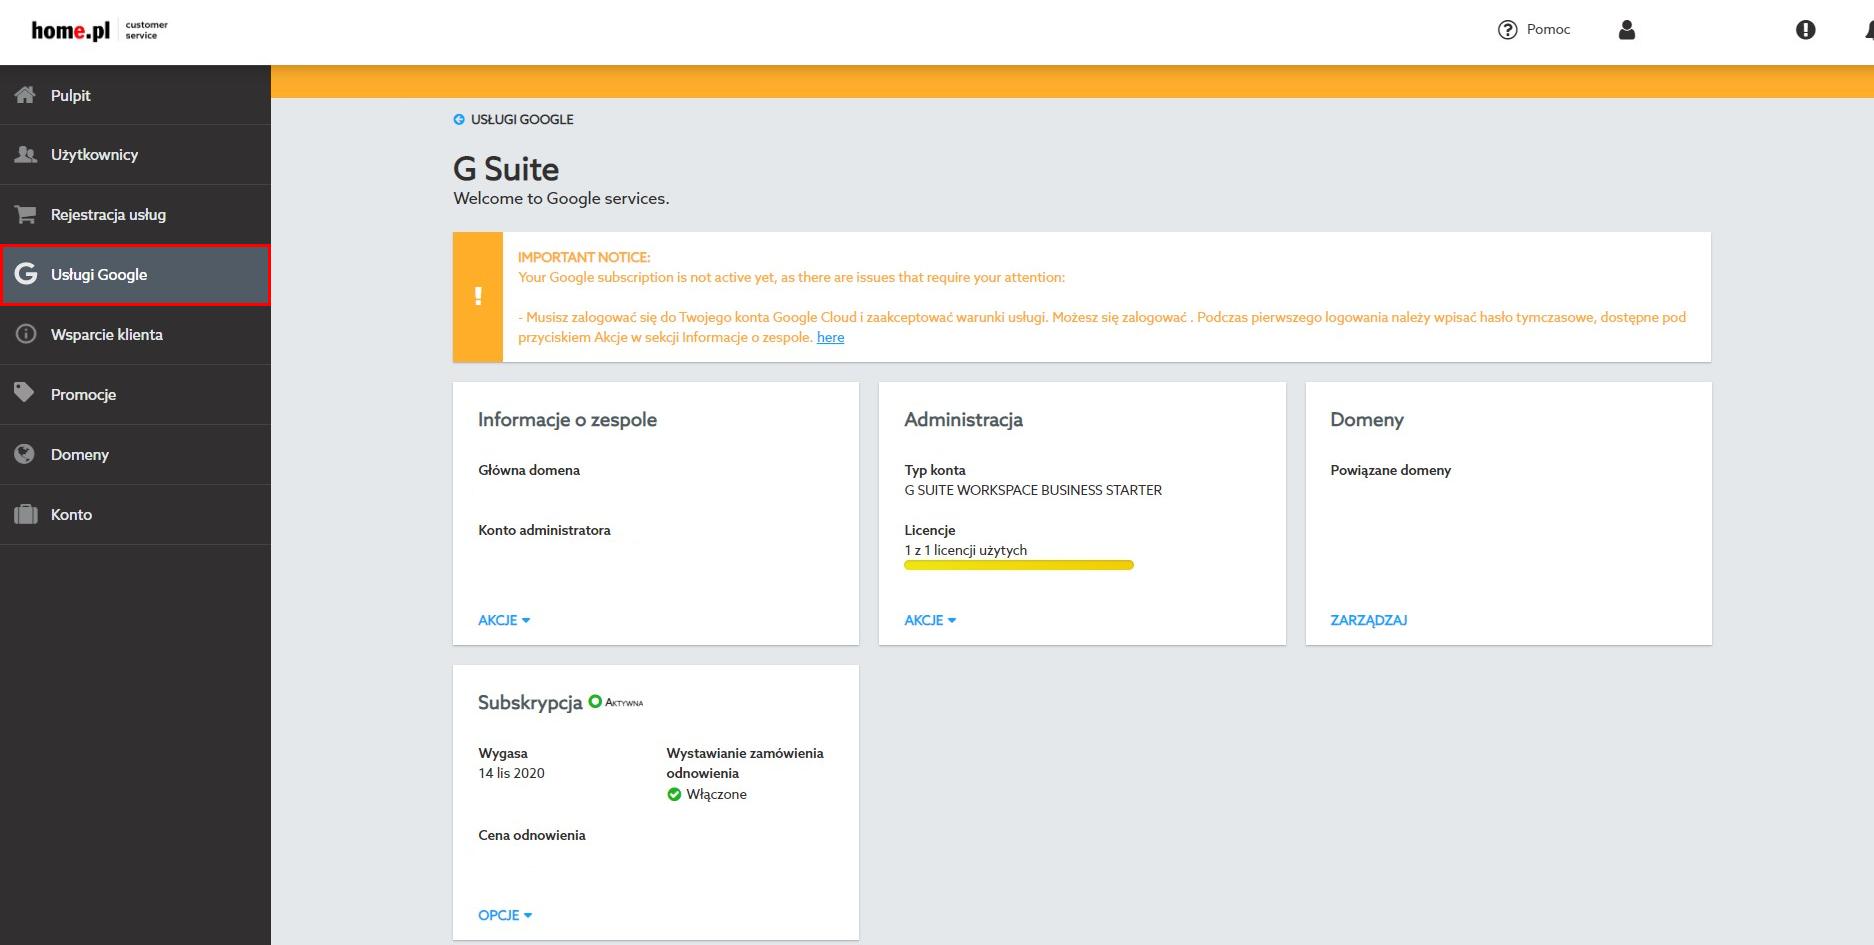 Pierwsza konfiguracja Google Workspace w Panelu home.pl